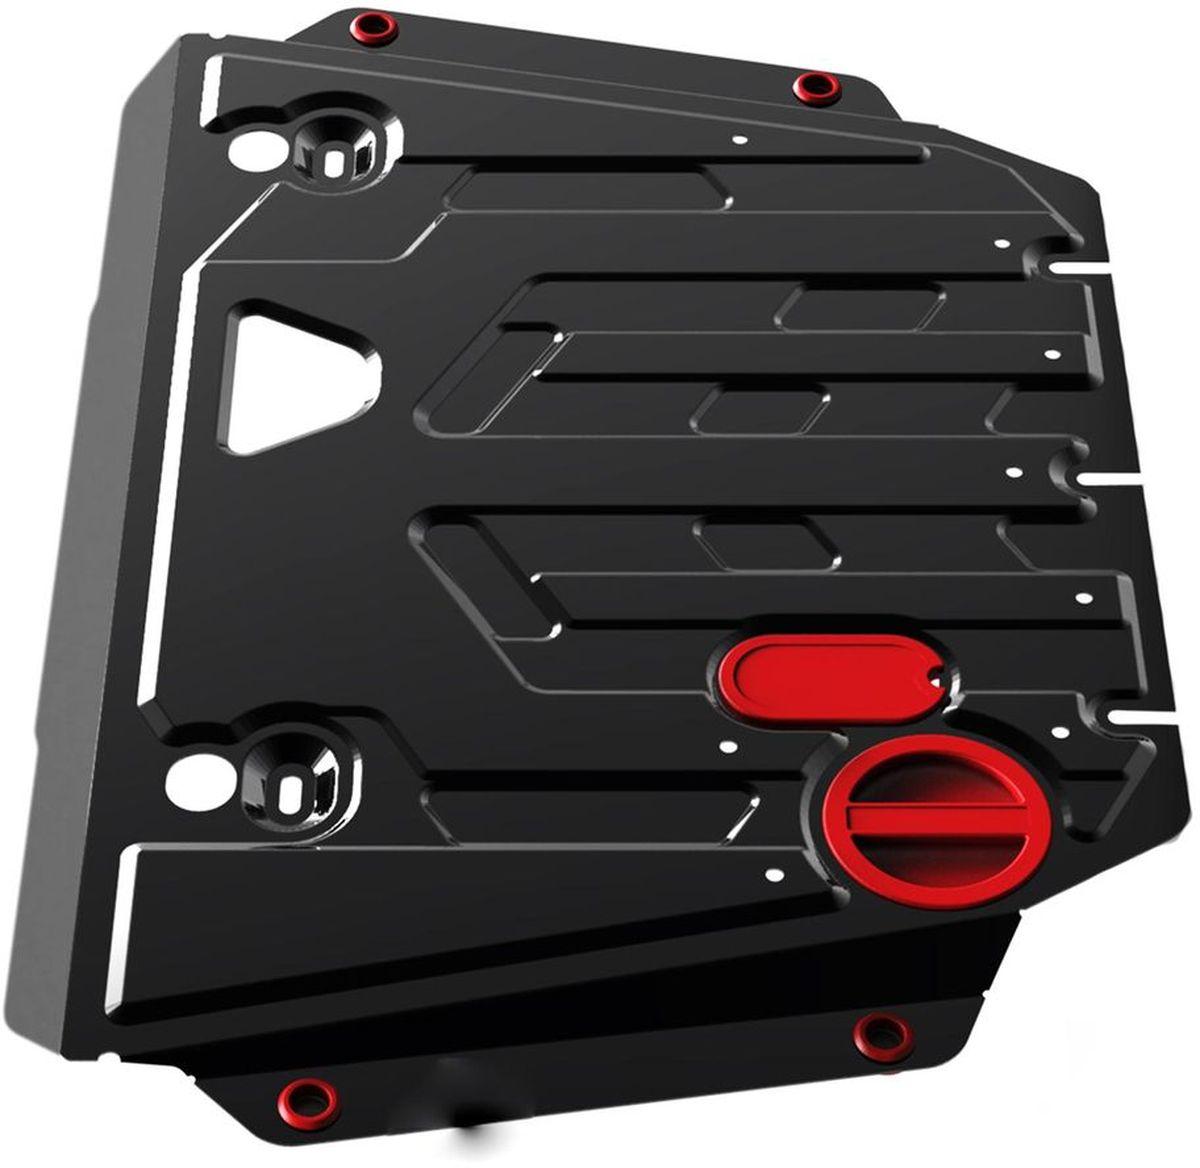 Защита картера и КПП Автоброня, для Lifan Solano V - 1,6 (2010-)111.03302.2Технологически совершенный продукт за невысокую стоимость. Защита разработана с учетом особенностей днища автомобиля, что позволяет сохранить дорожный просвет с минимальным изменением. Защита устанавливается в штатные места кузова автомобиля. Глубокий штамп обеспечивает до двух раз больше жесткости в сравнении с обычной защитой той же толщины. Проштампованные ребра жесткости препятствуют деформации защиты при ударах. Тепловой зазор и вентиляционные отверстия обеспечивают сохранение температурного режима двигателя в норме. Скрытый крепеж предотвращает срыв крепежных элементов при наезде на препятствие. Шумопоглощающие резиновые элементы обеспечивают комфортную езду без вибраций и скрежета металла, а съемные лючки для слива масла и замены фильтра - экономию средств и время. Конструкция изделия не влияет на пассивную безопасность автомобиля (при ударе защита не воздействует на деформационные зоны кузова). Со штатным крепежом. В комплекте инструкция по установке....